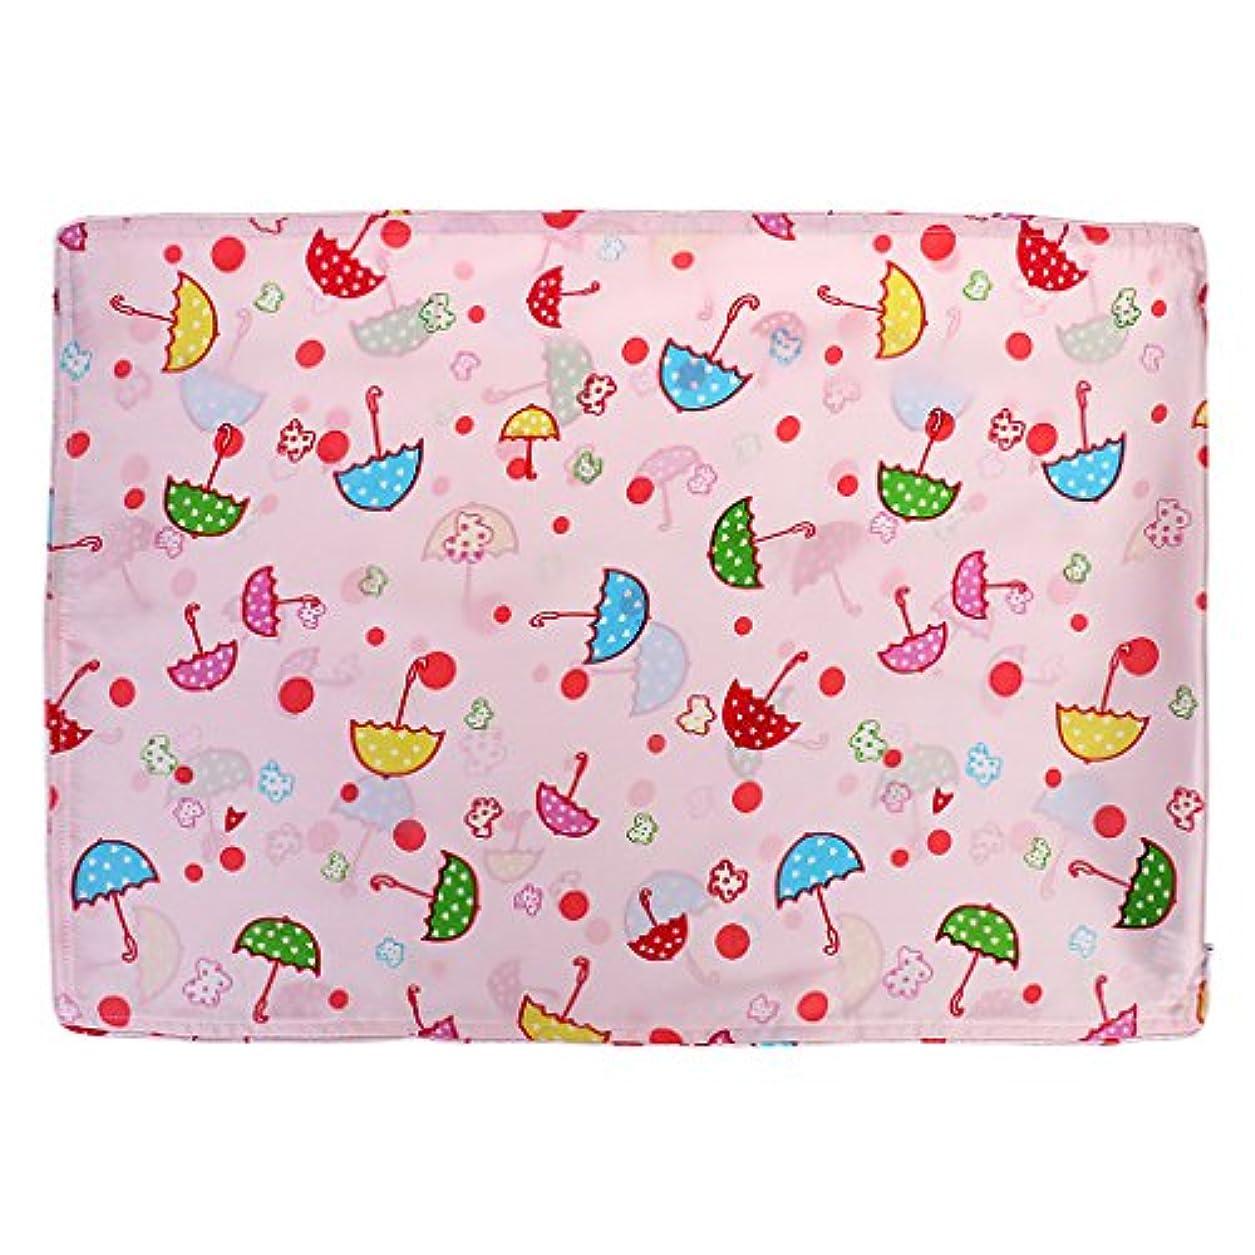 反対にできる効率的かわいい赤ちゃんキッズ100%シルクサテン両面枕カバー30 * 45センチメートル傘ピンク